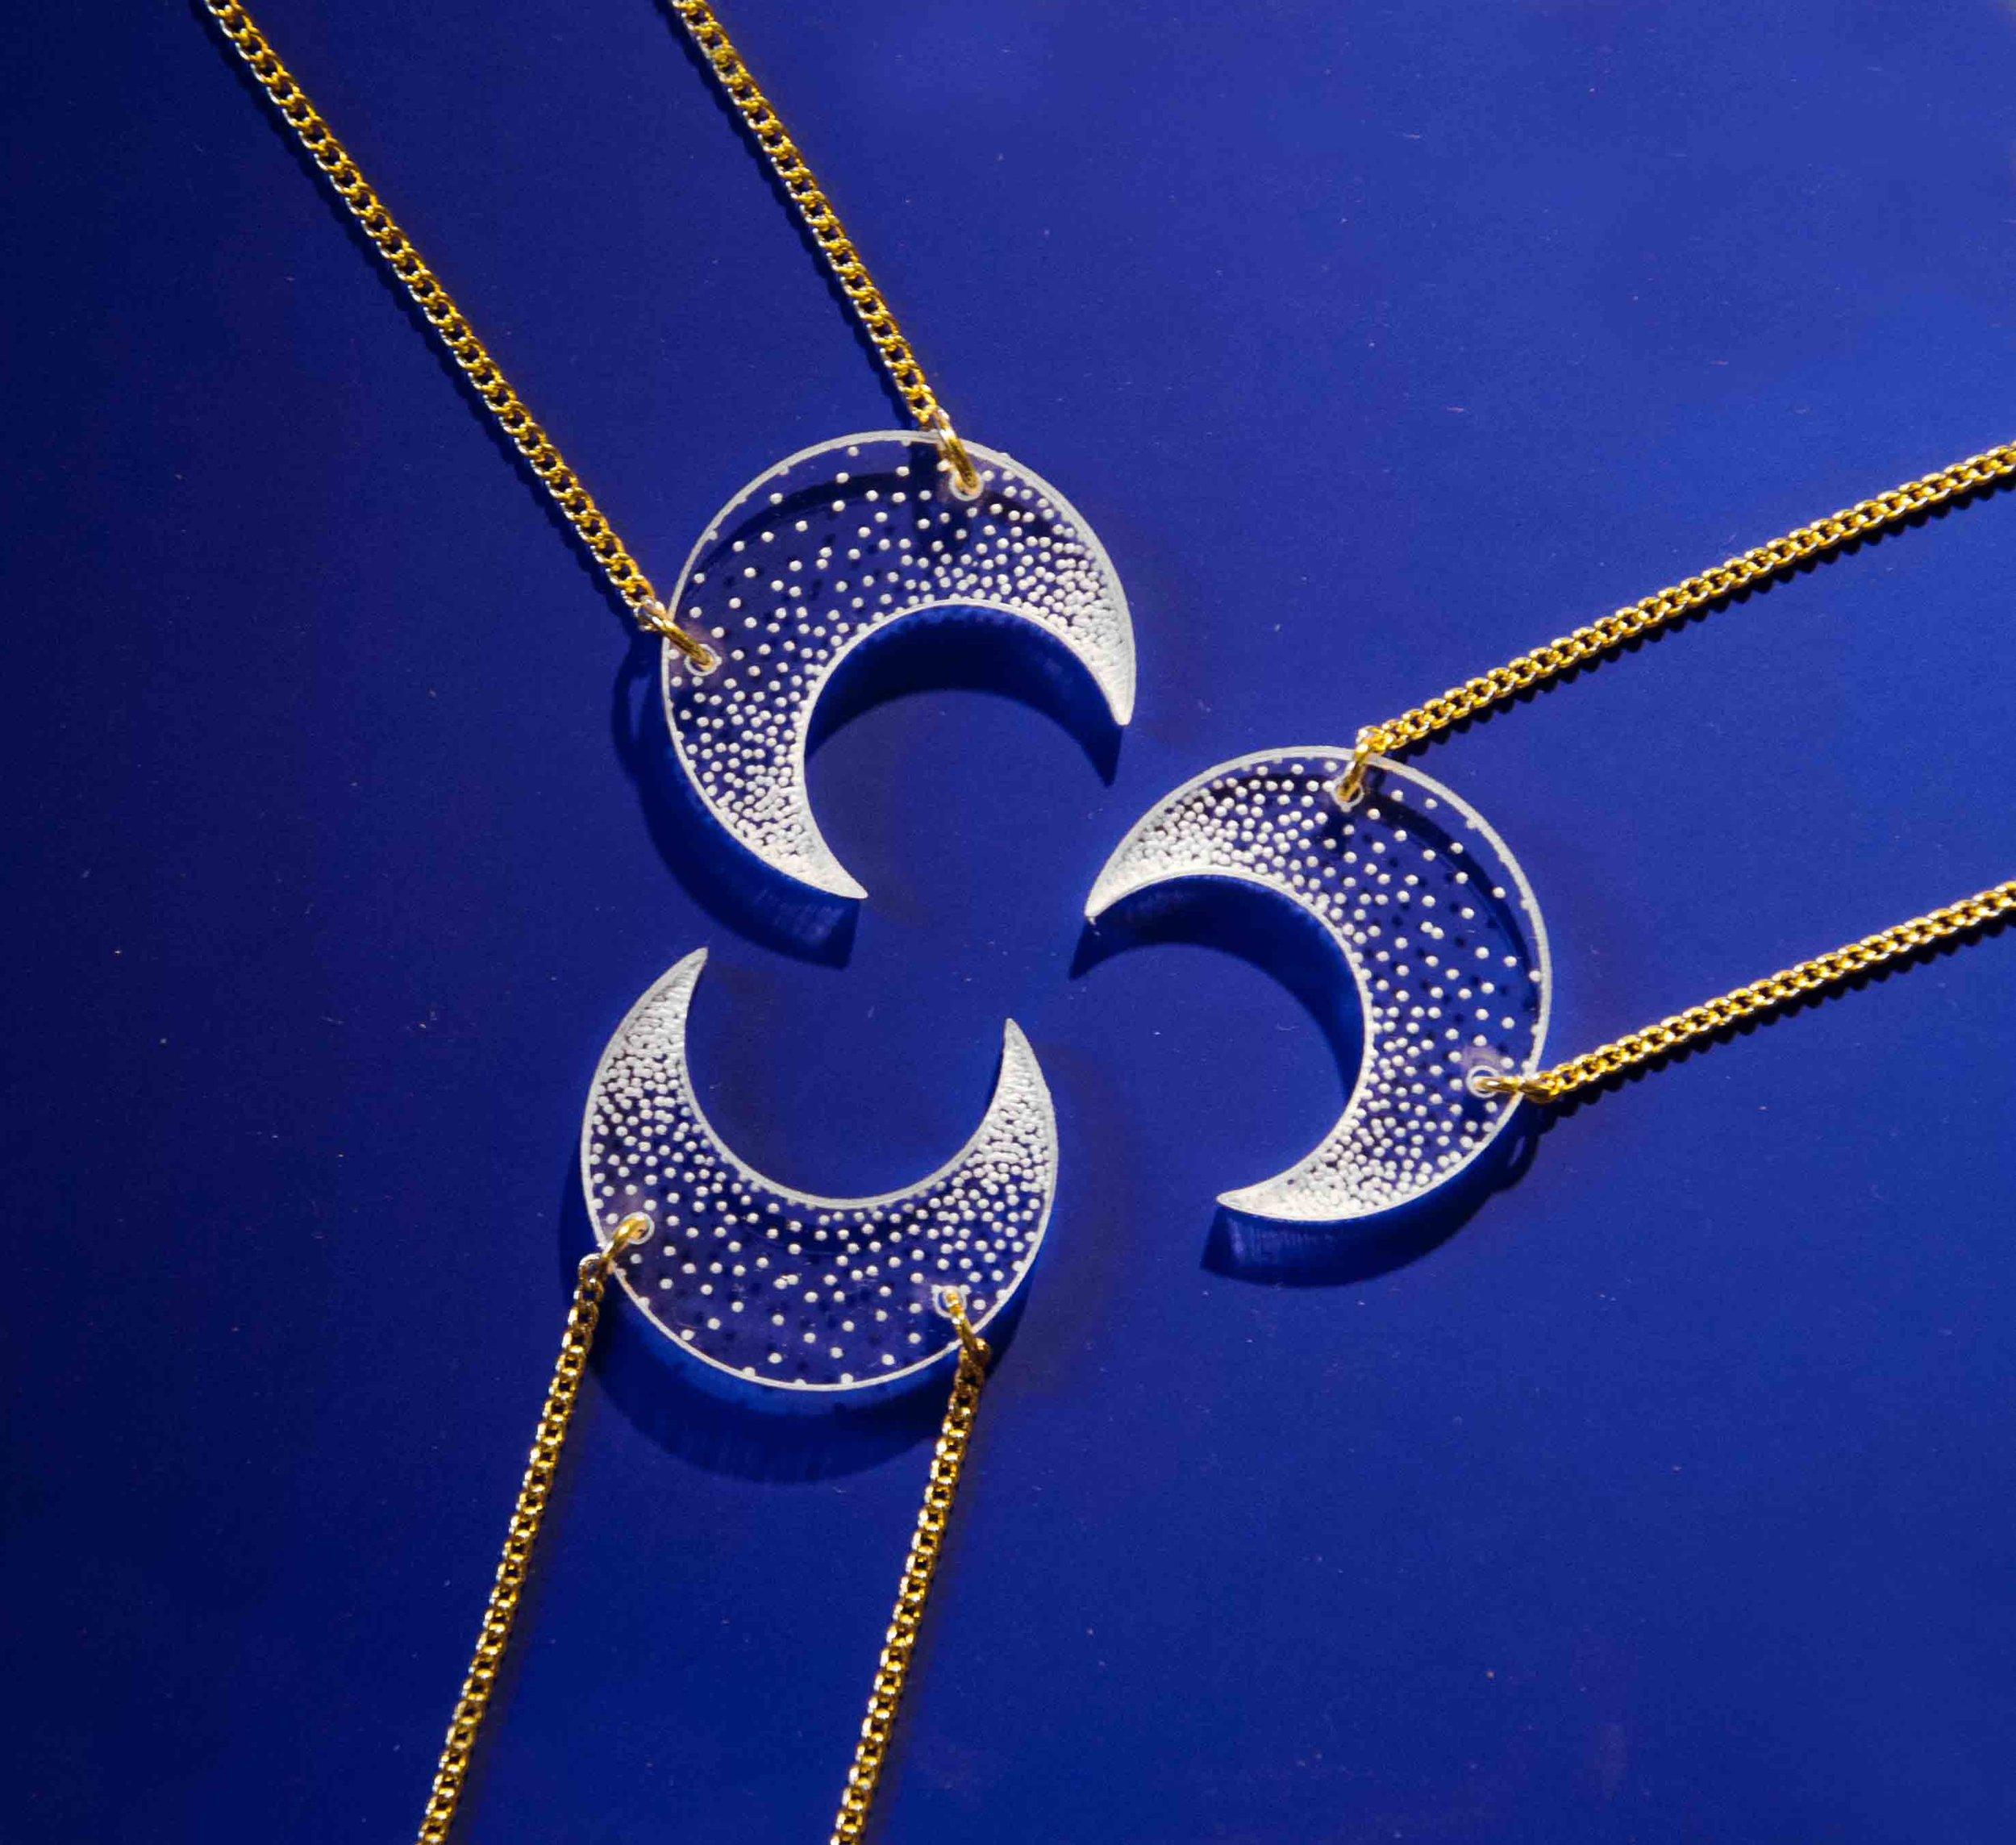 """bijou bijoux - collier sautoir - plexi bois - """"made in france"""" fabriqué en France - assemblé à la main - créateur - lune moon"""